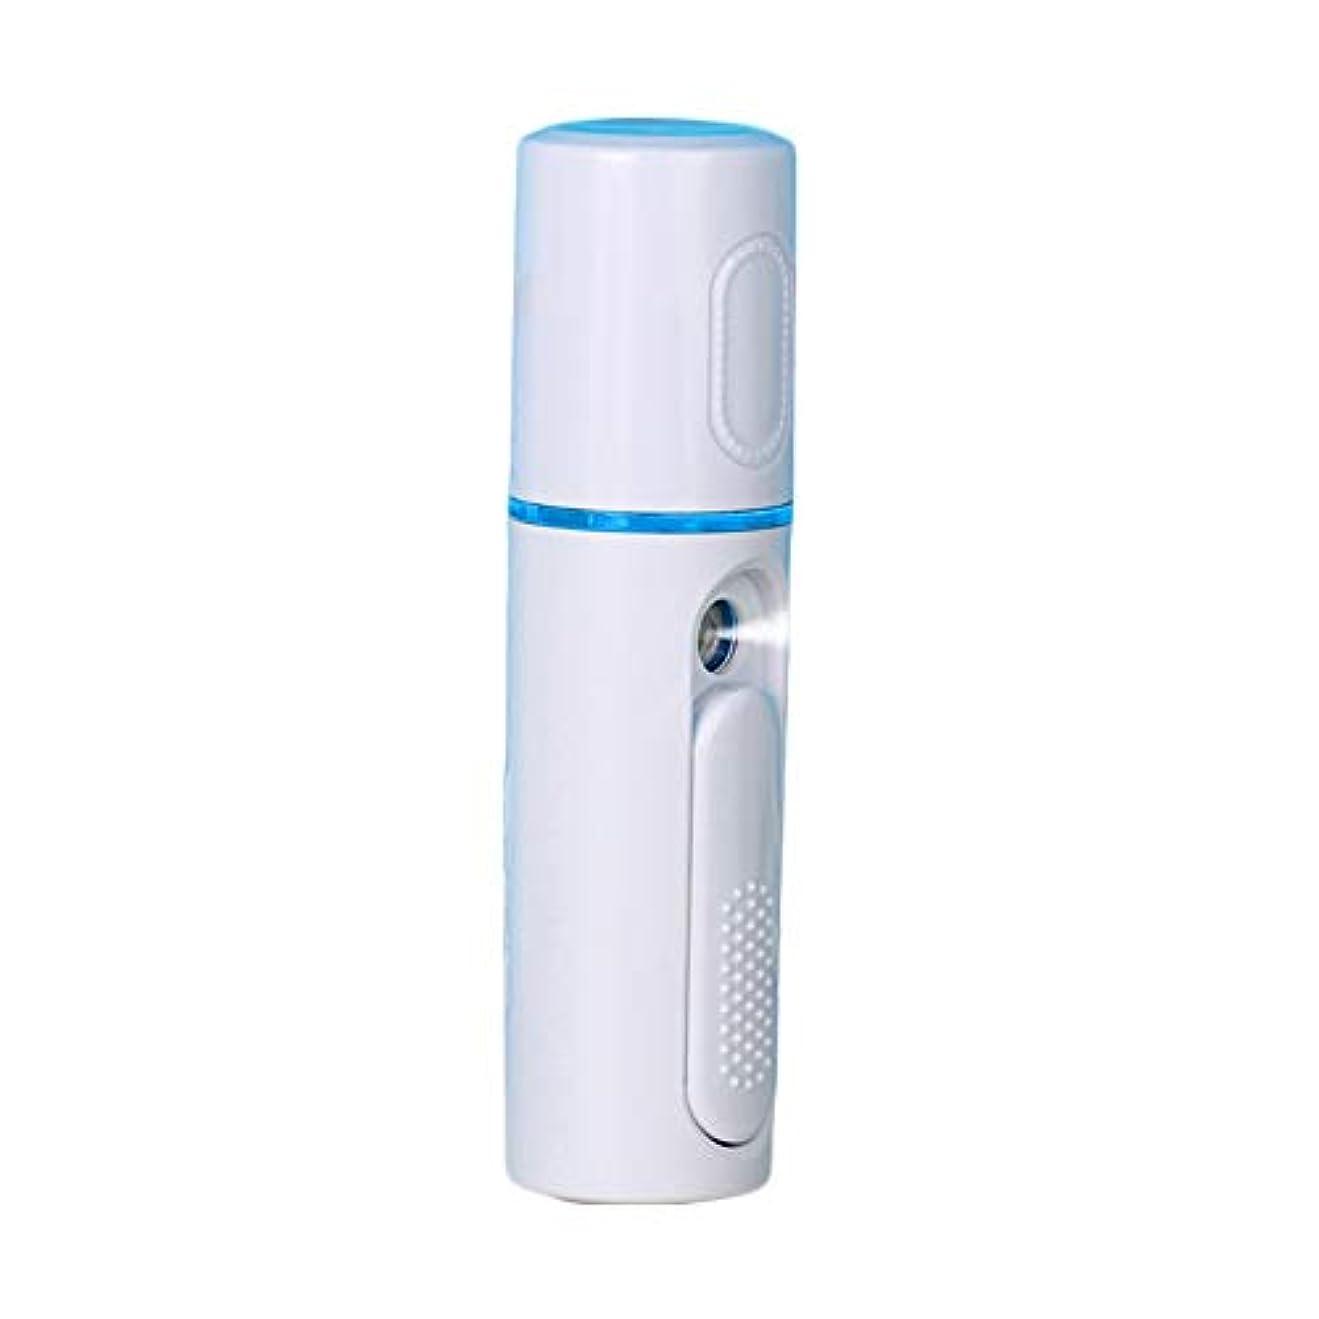 第三効果たくさんの美顔器 噴霧式 ミニ携帯 ハンディ 美顔スプレー保湿 美白顔用加湿器 フェイススチーマー 補水美容器 小型 ナノミスト USB